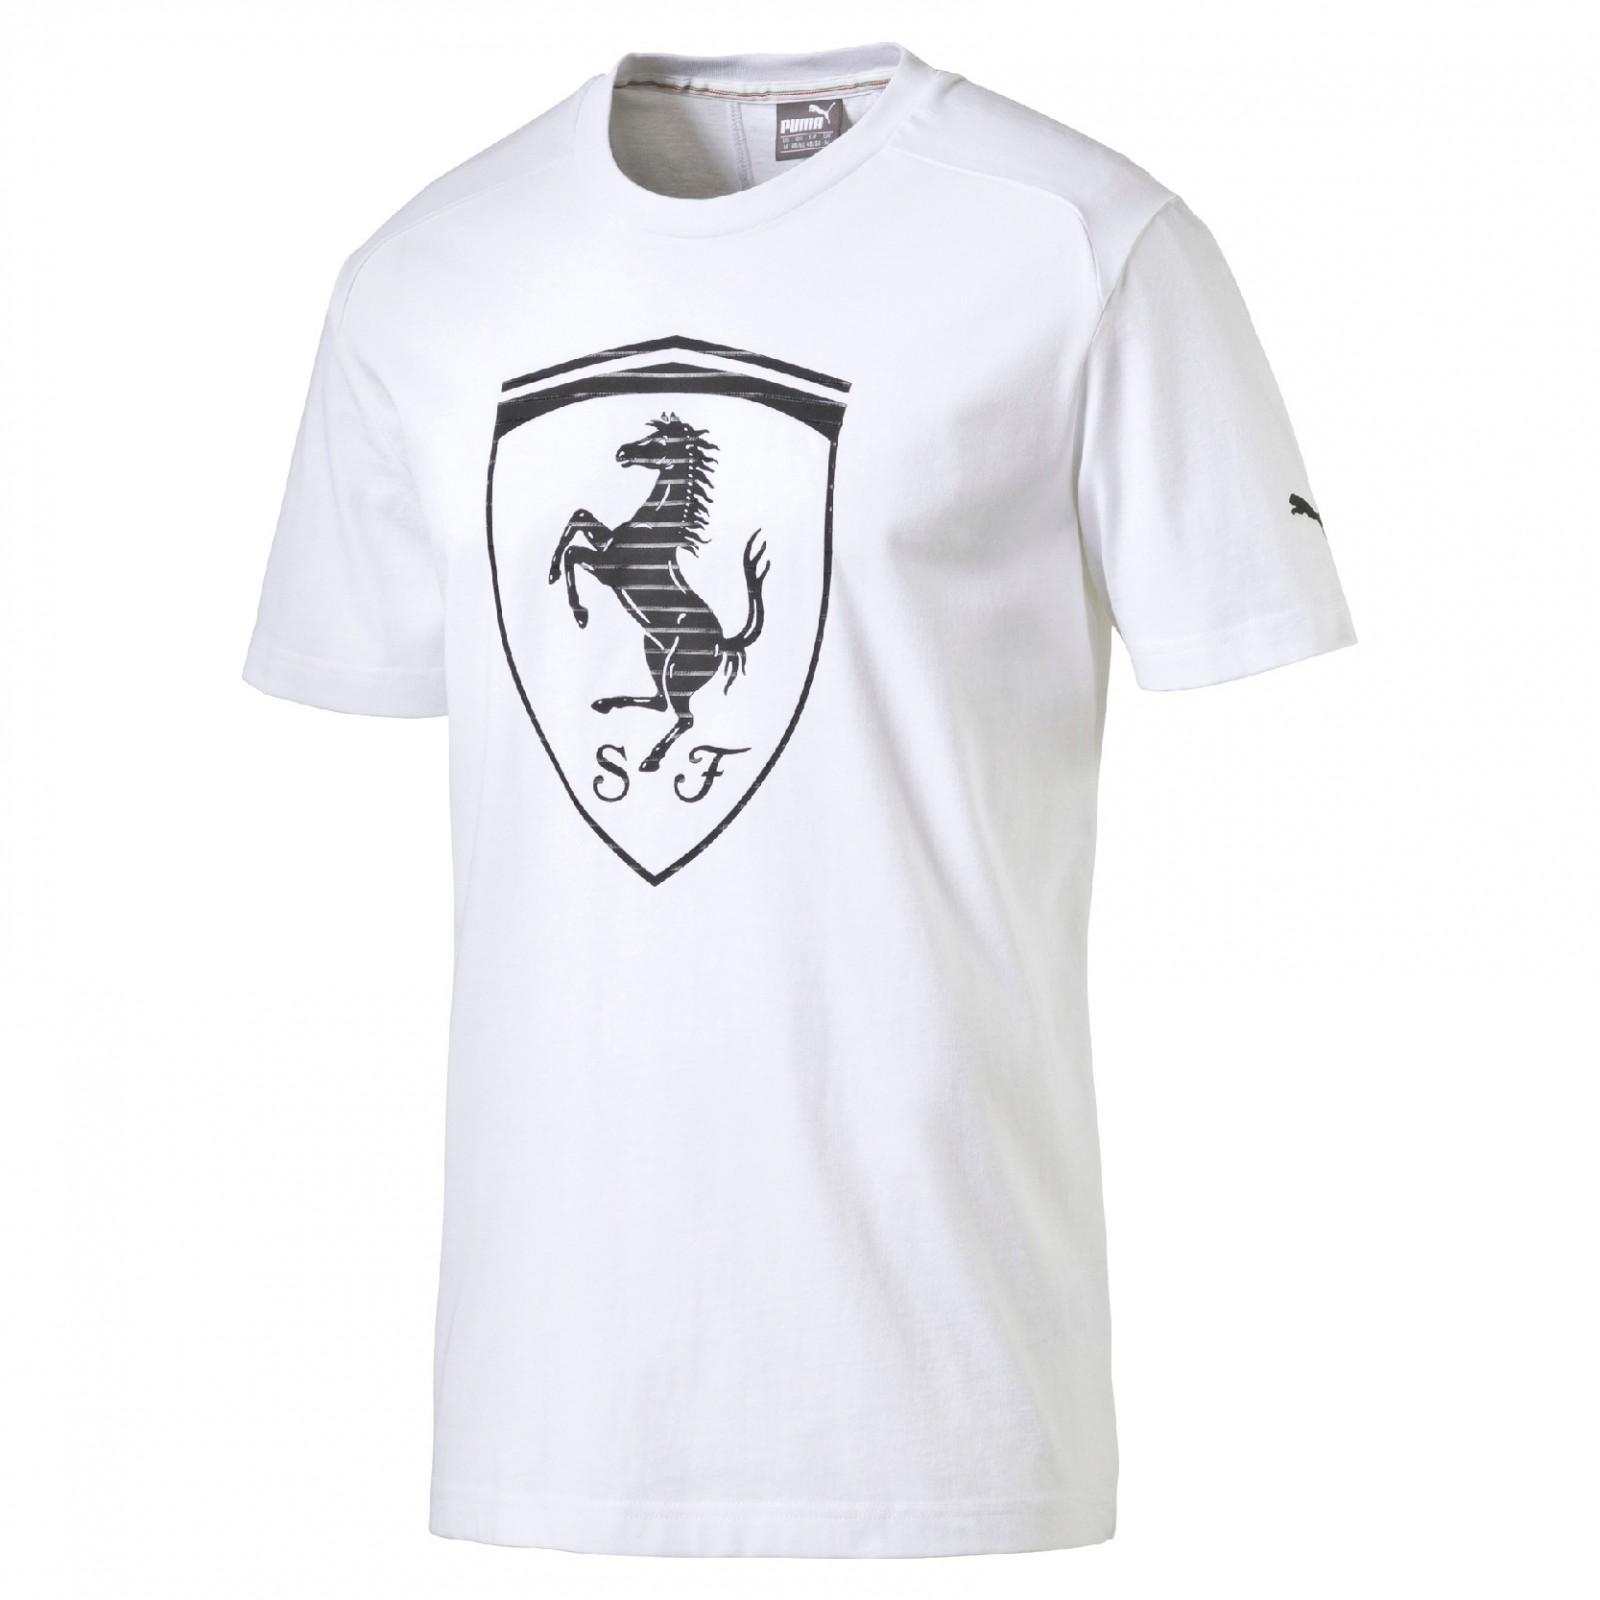 6b944c23ccb53 Pánské tričko Puma Ferrari Ferrari Big Shield Tee white | D-Sport